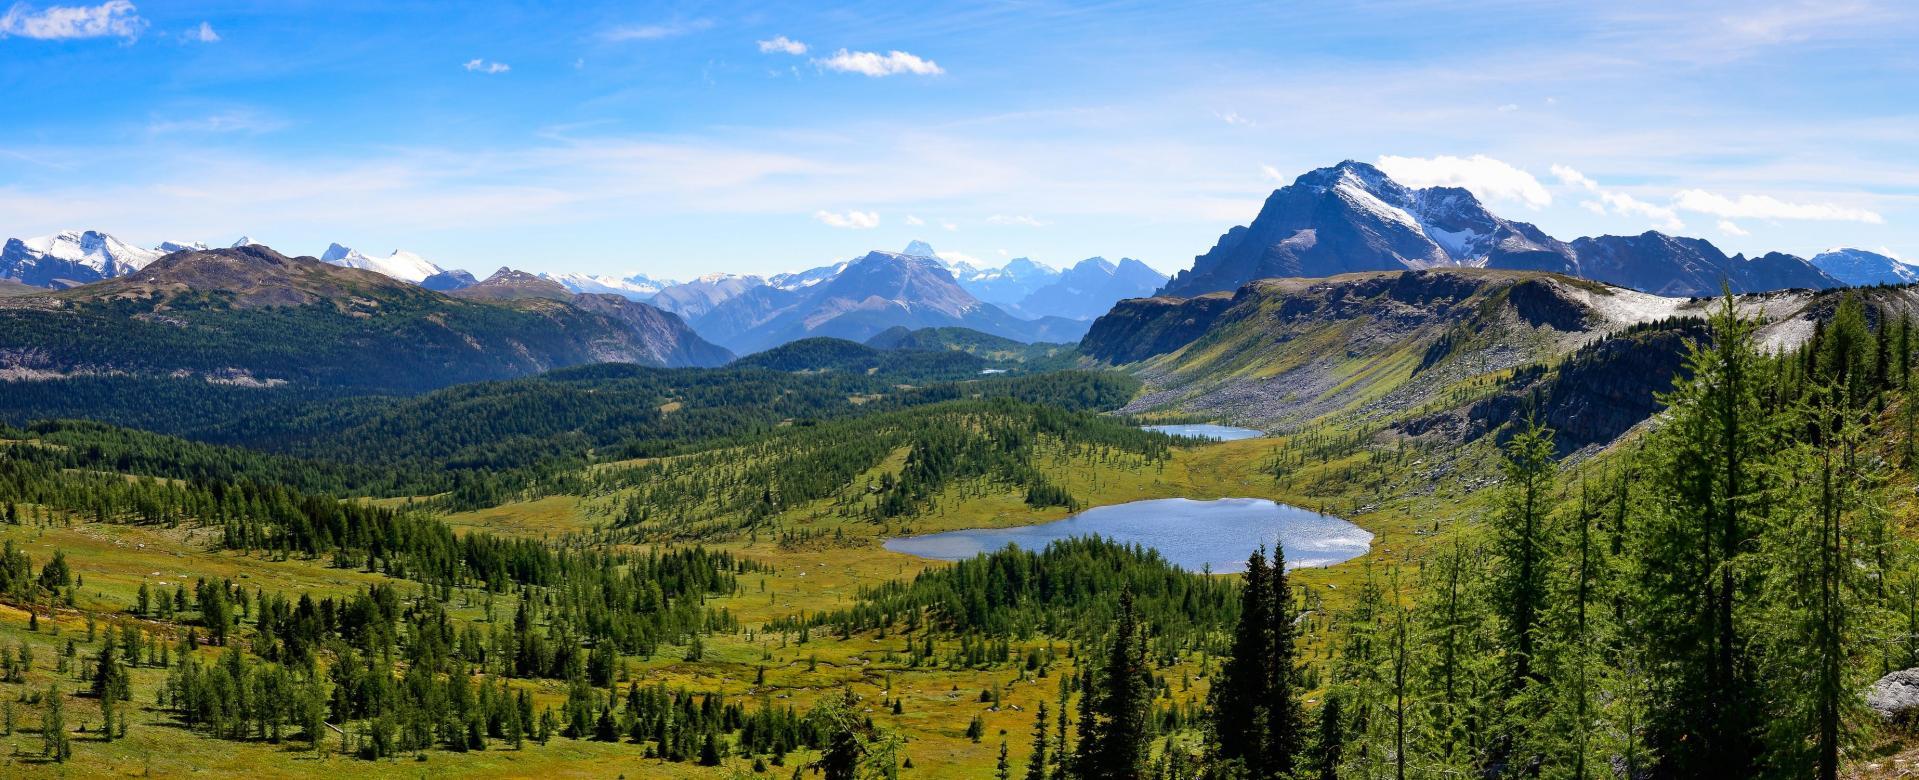 Voyage à pied Canada : Les rocheuses canadiennes